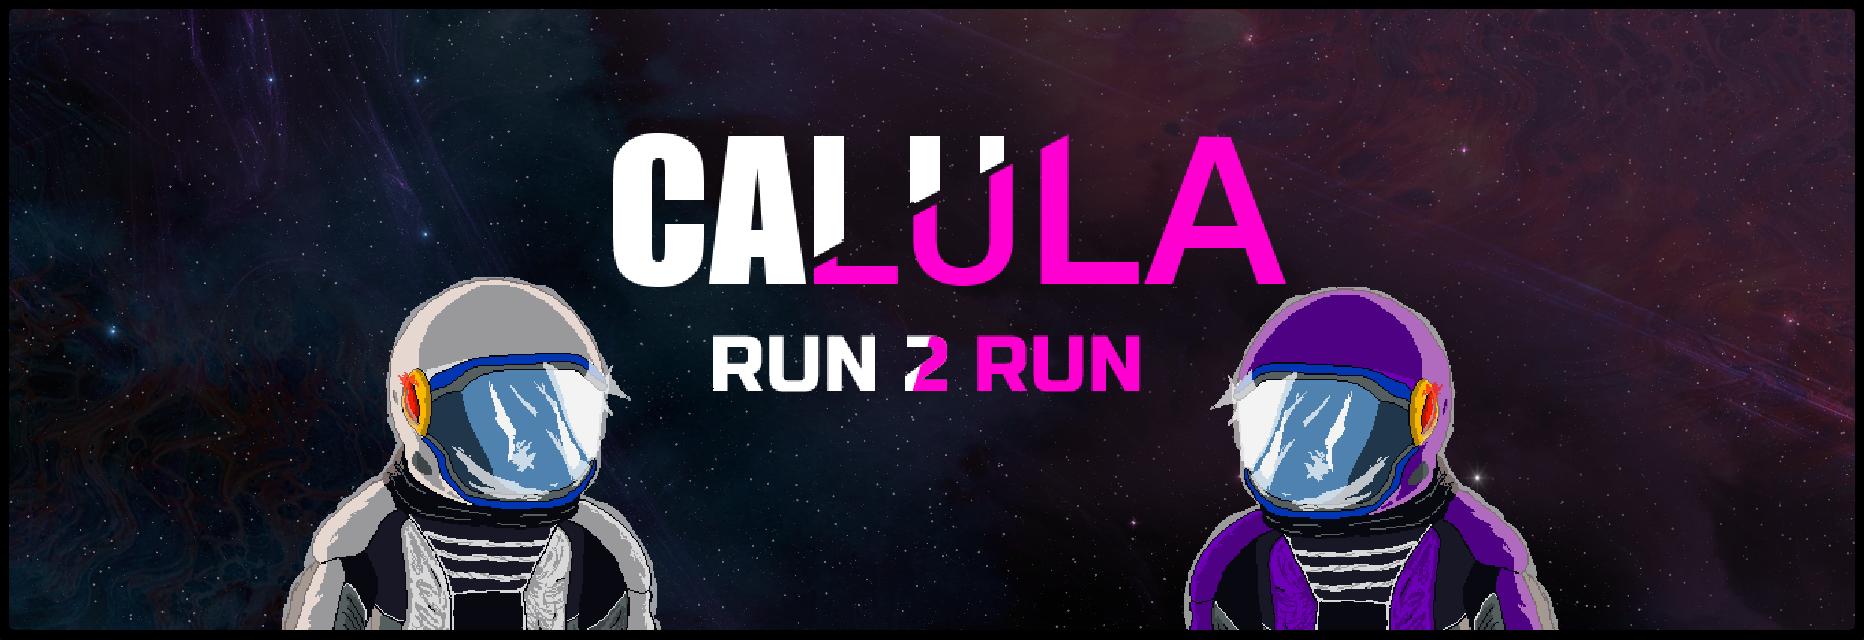 Calula: Run 2 Run